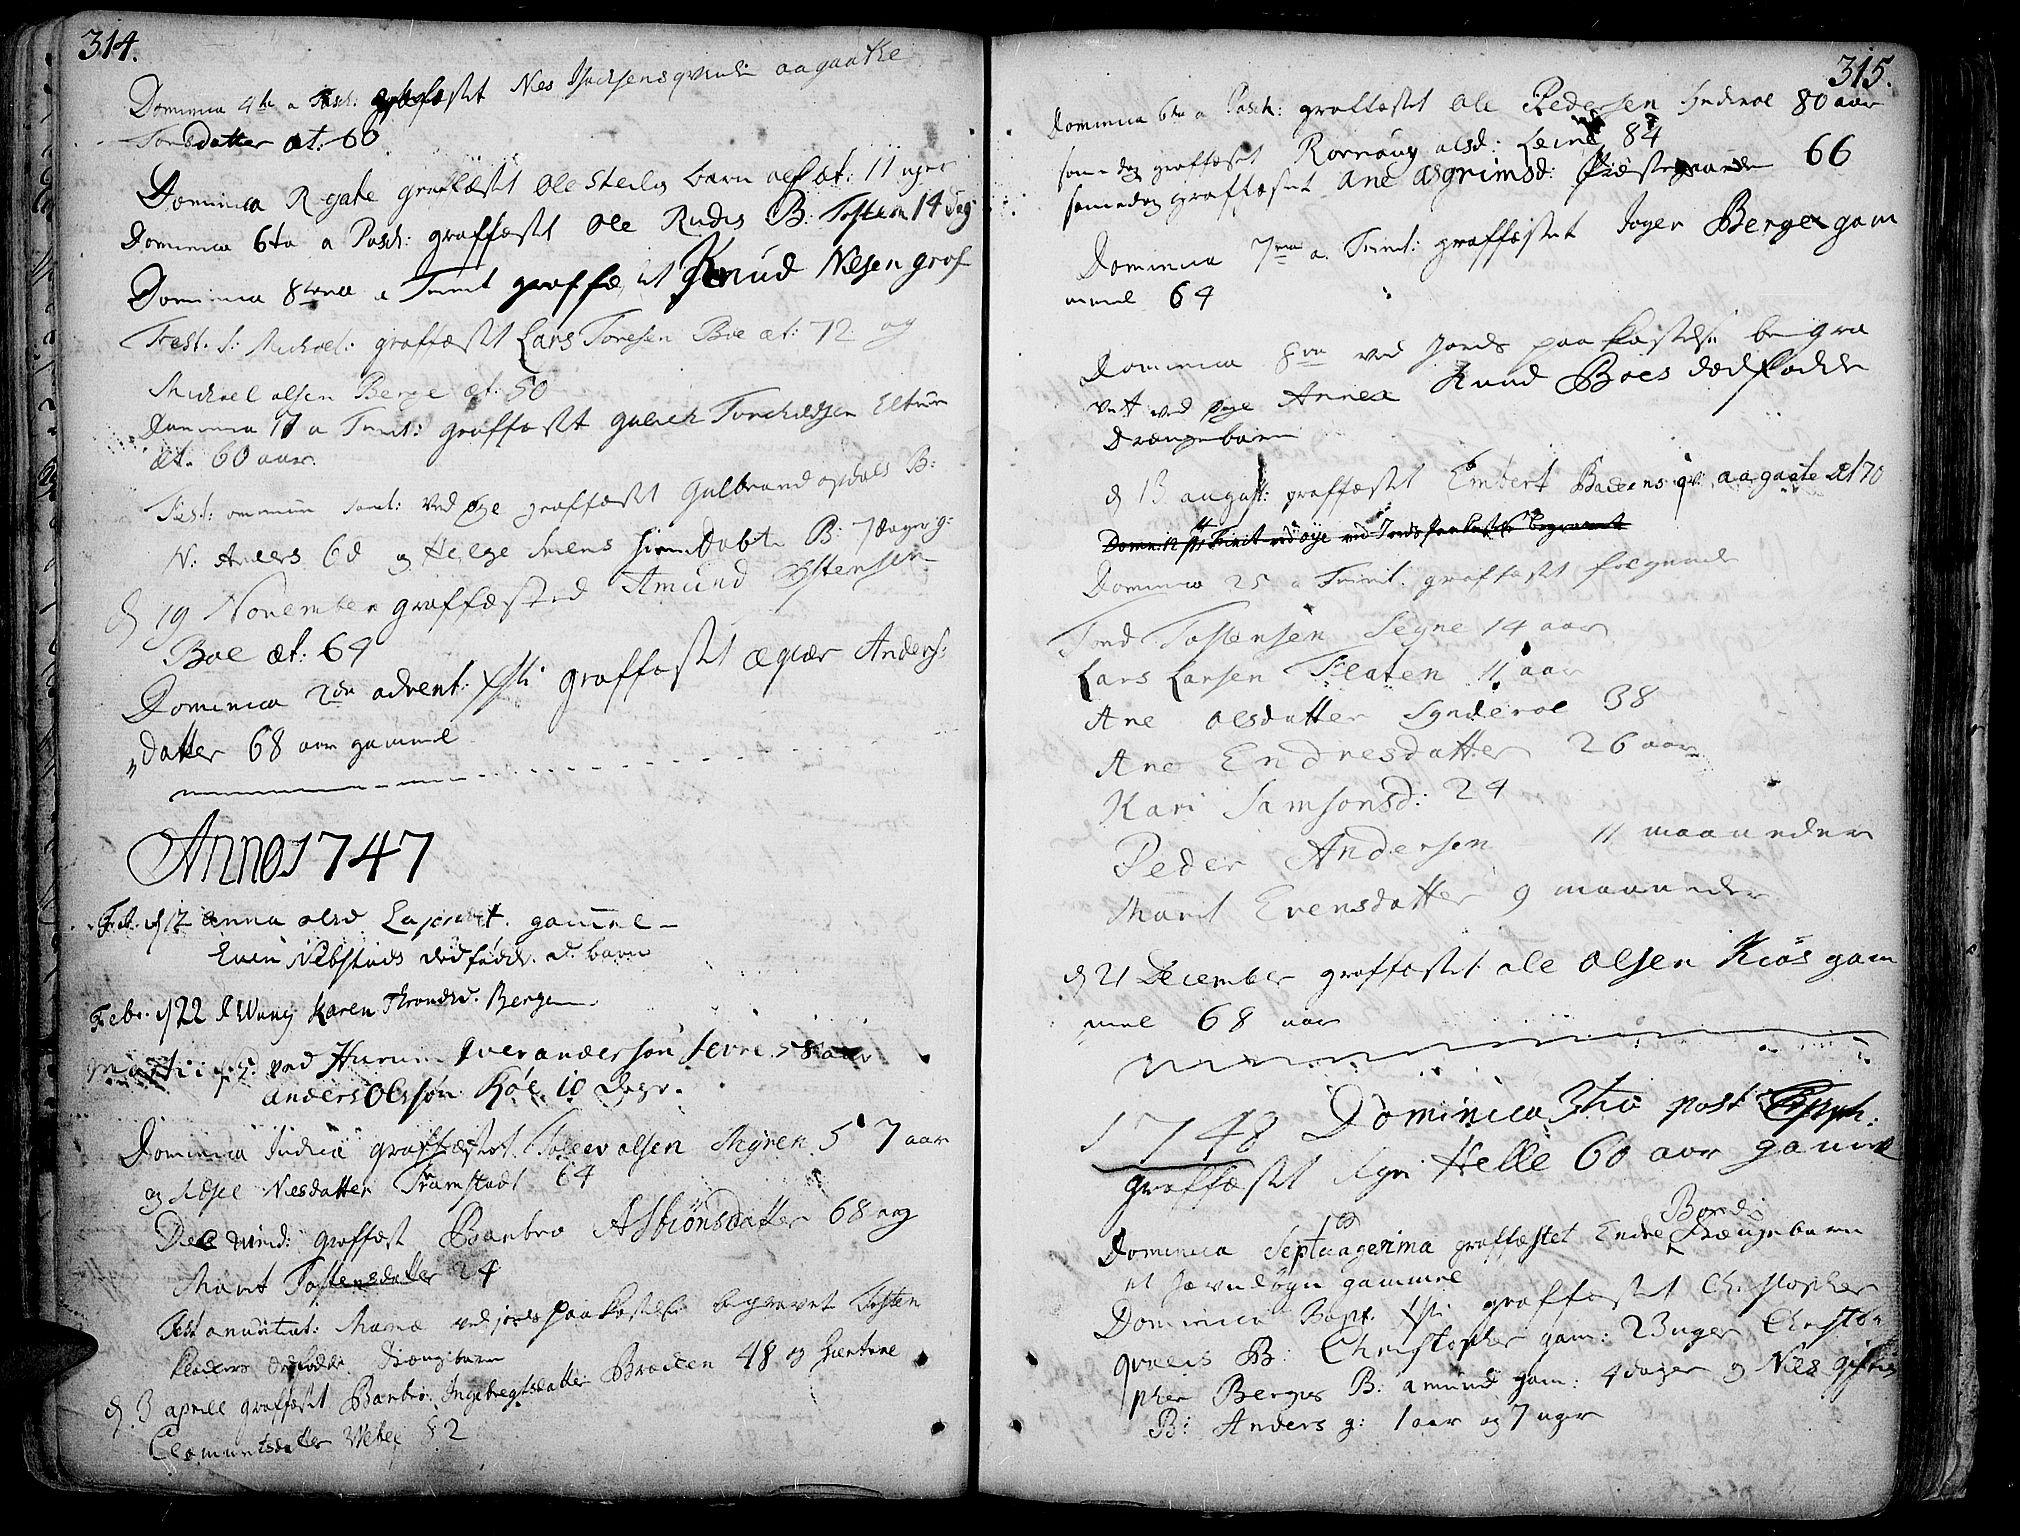 SAH, Vang prestekontor, Valdres, Ministerialbok nr. 1, 1730-1796, s. 314-315